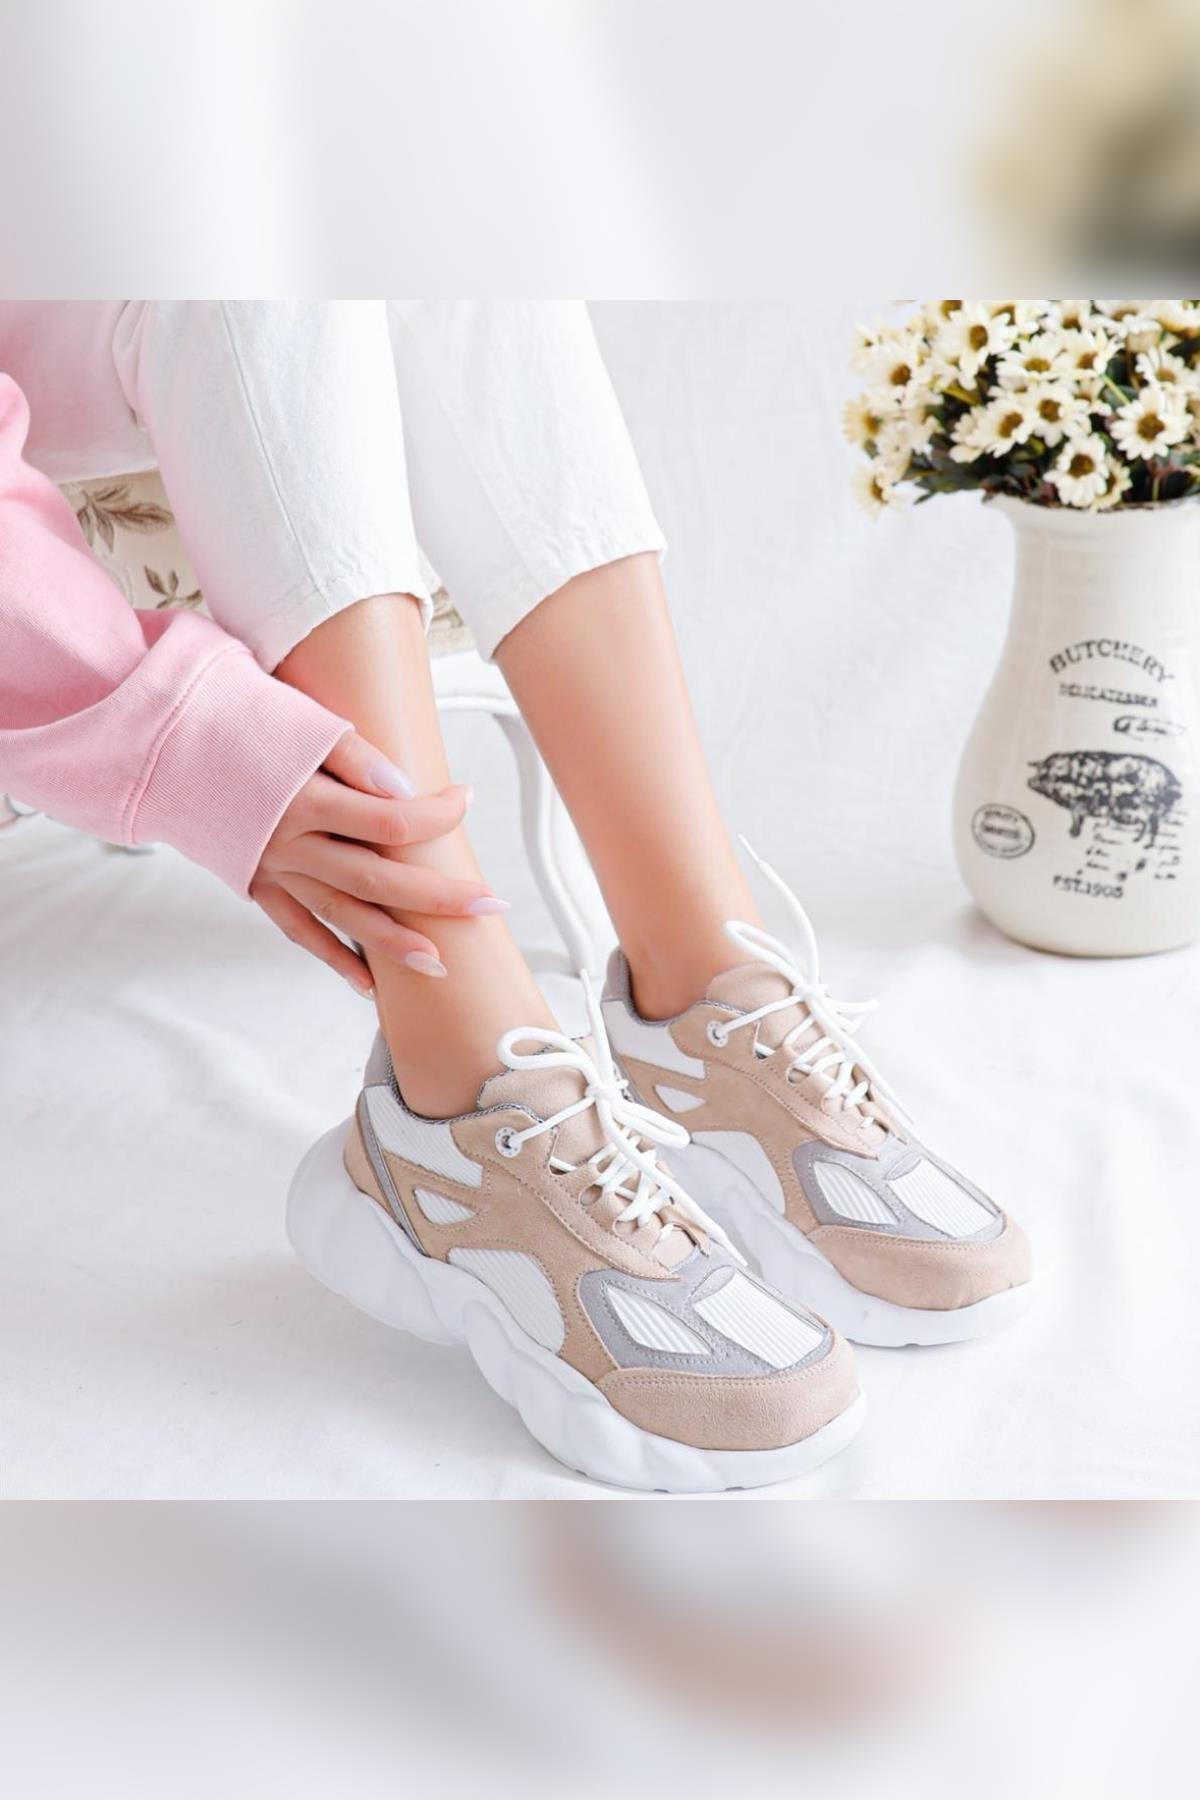 Limoya Kadın Brooklyn Bej Beyaz Gri Süet Bağcıklı Yüksek Tabanlı Sneaker Ayakkabı